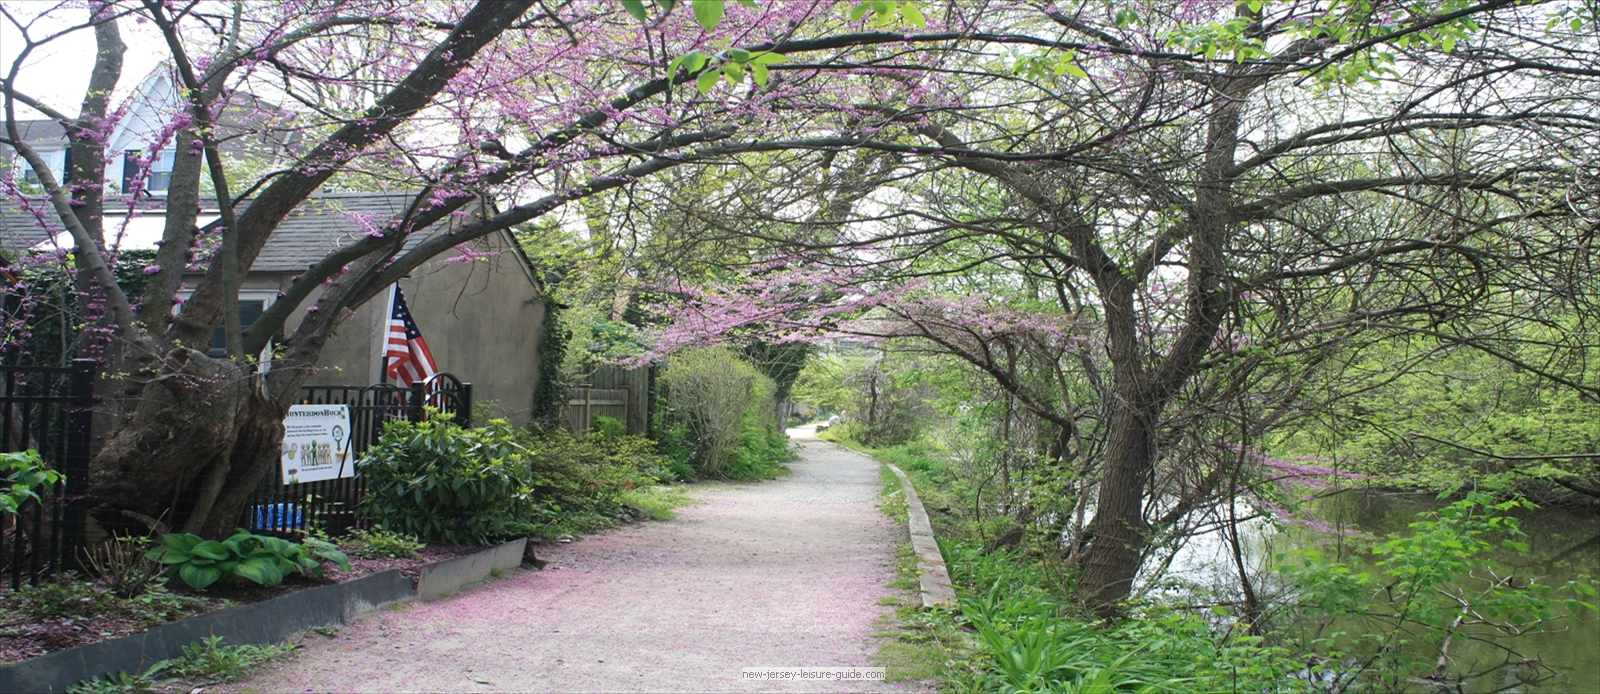 Lambertville - D & R Canal Tow Path